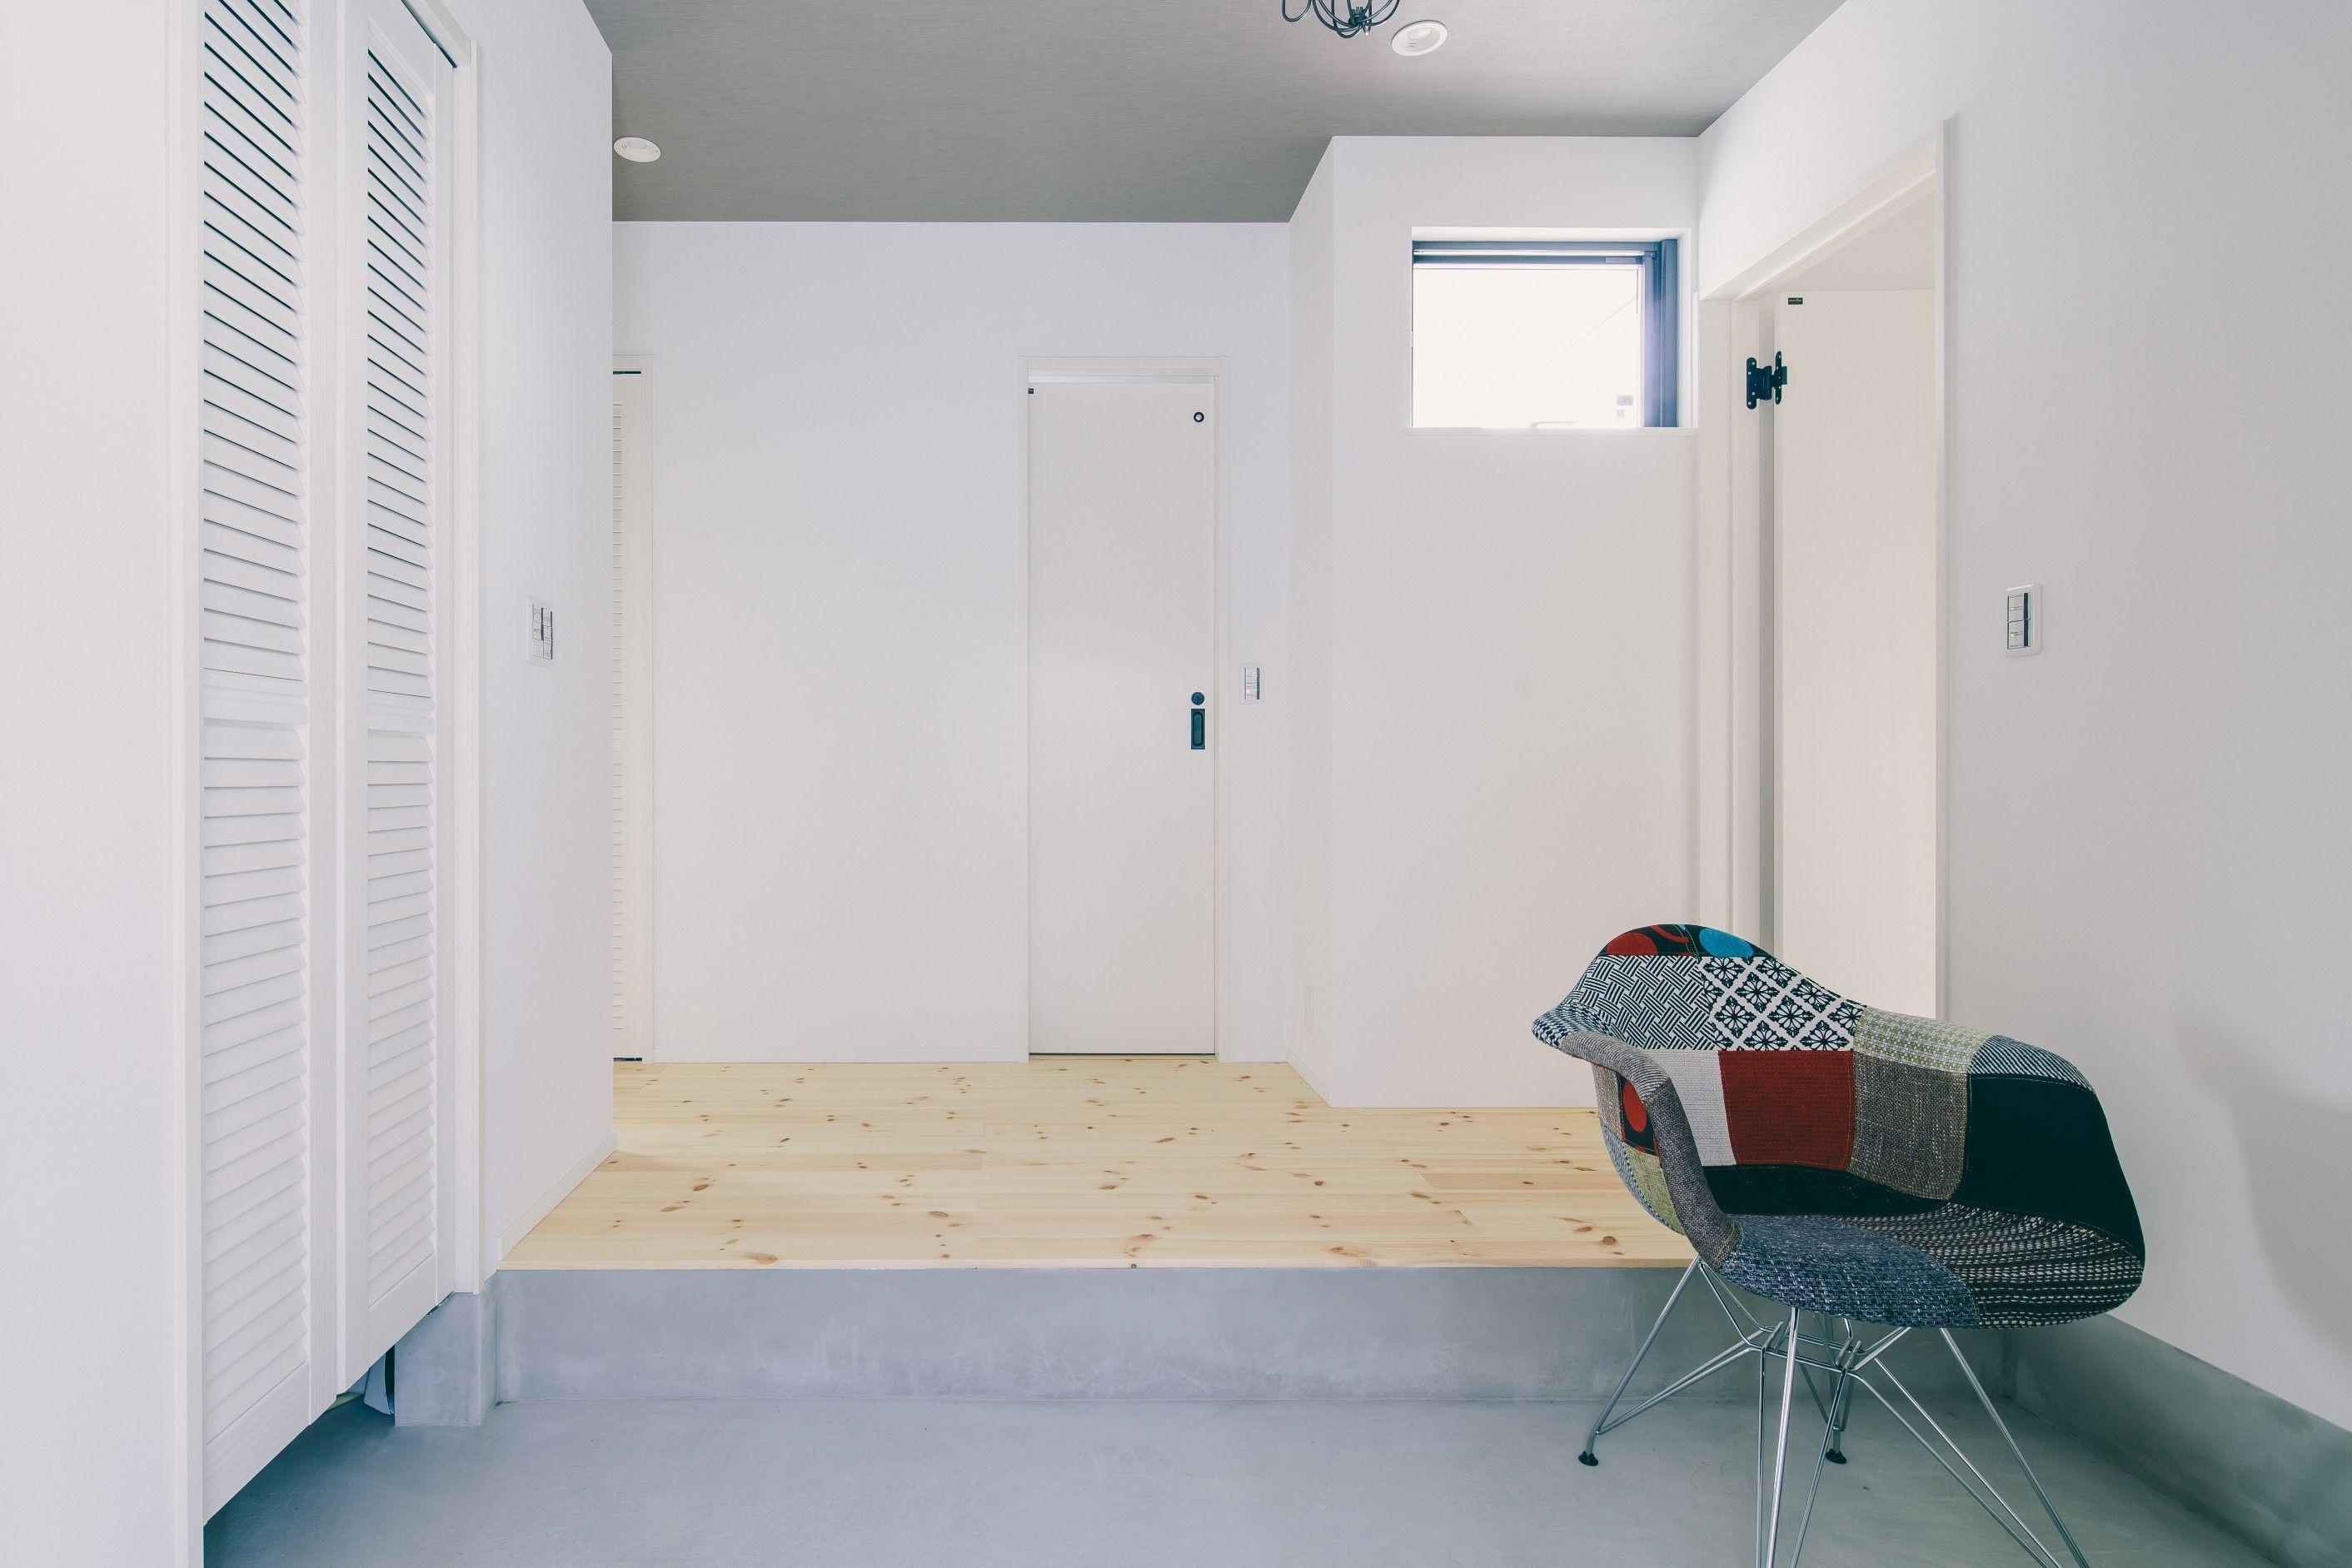 シンプルなインテリアに際立つおしゃれなチェアのある玄関 ルポハウス